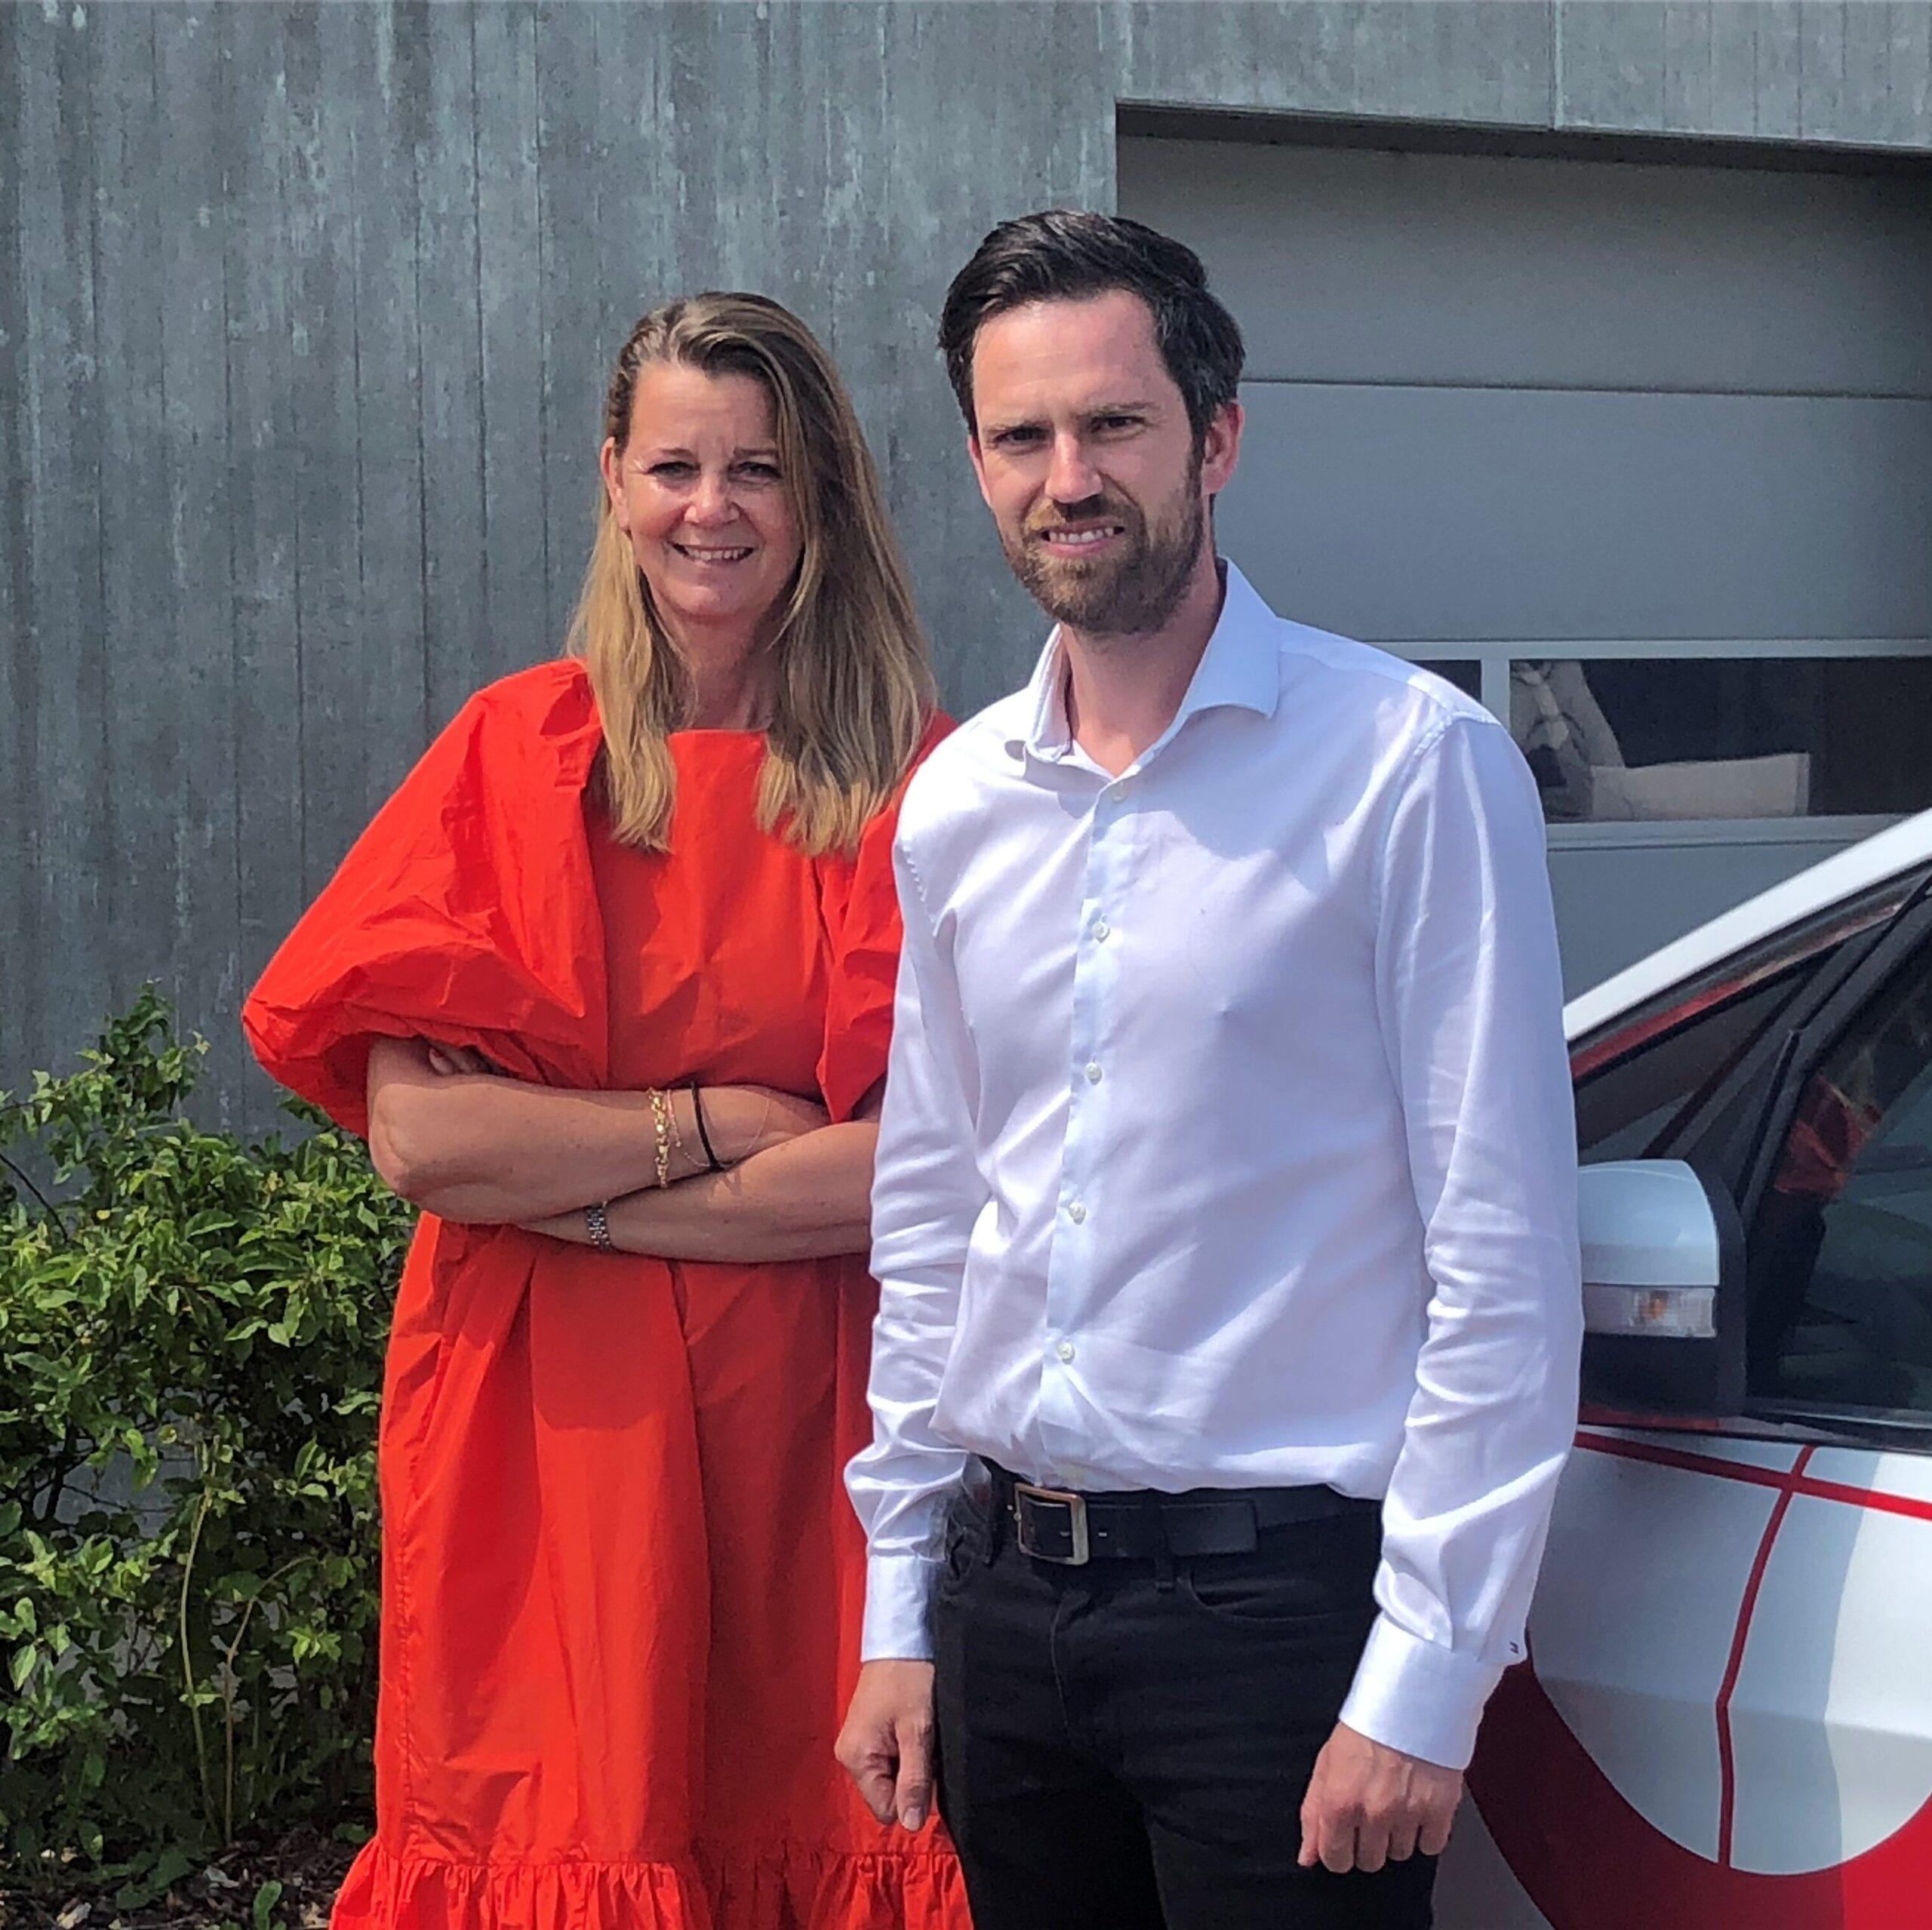 Andy Klarholt og Bente Damgaard Geopartner Landinspektører